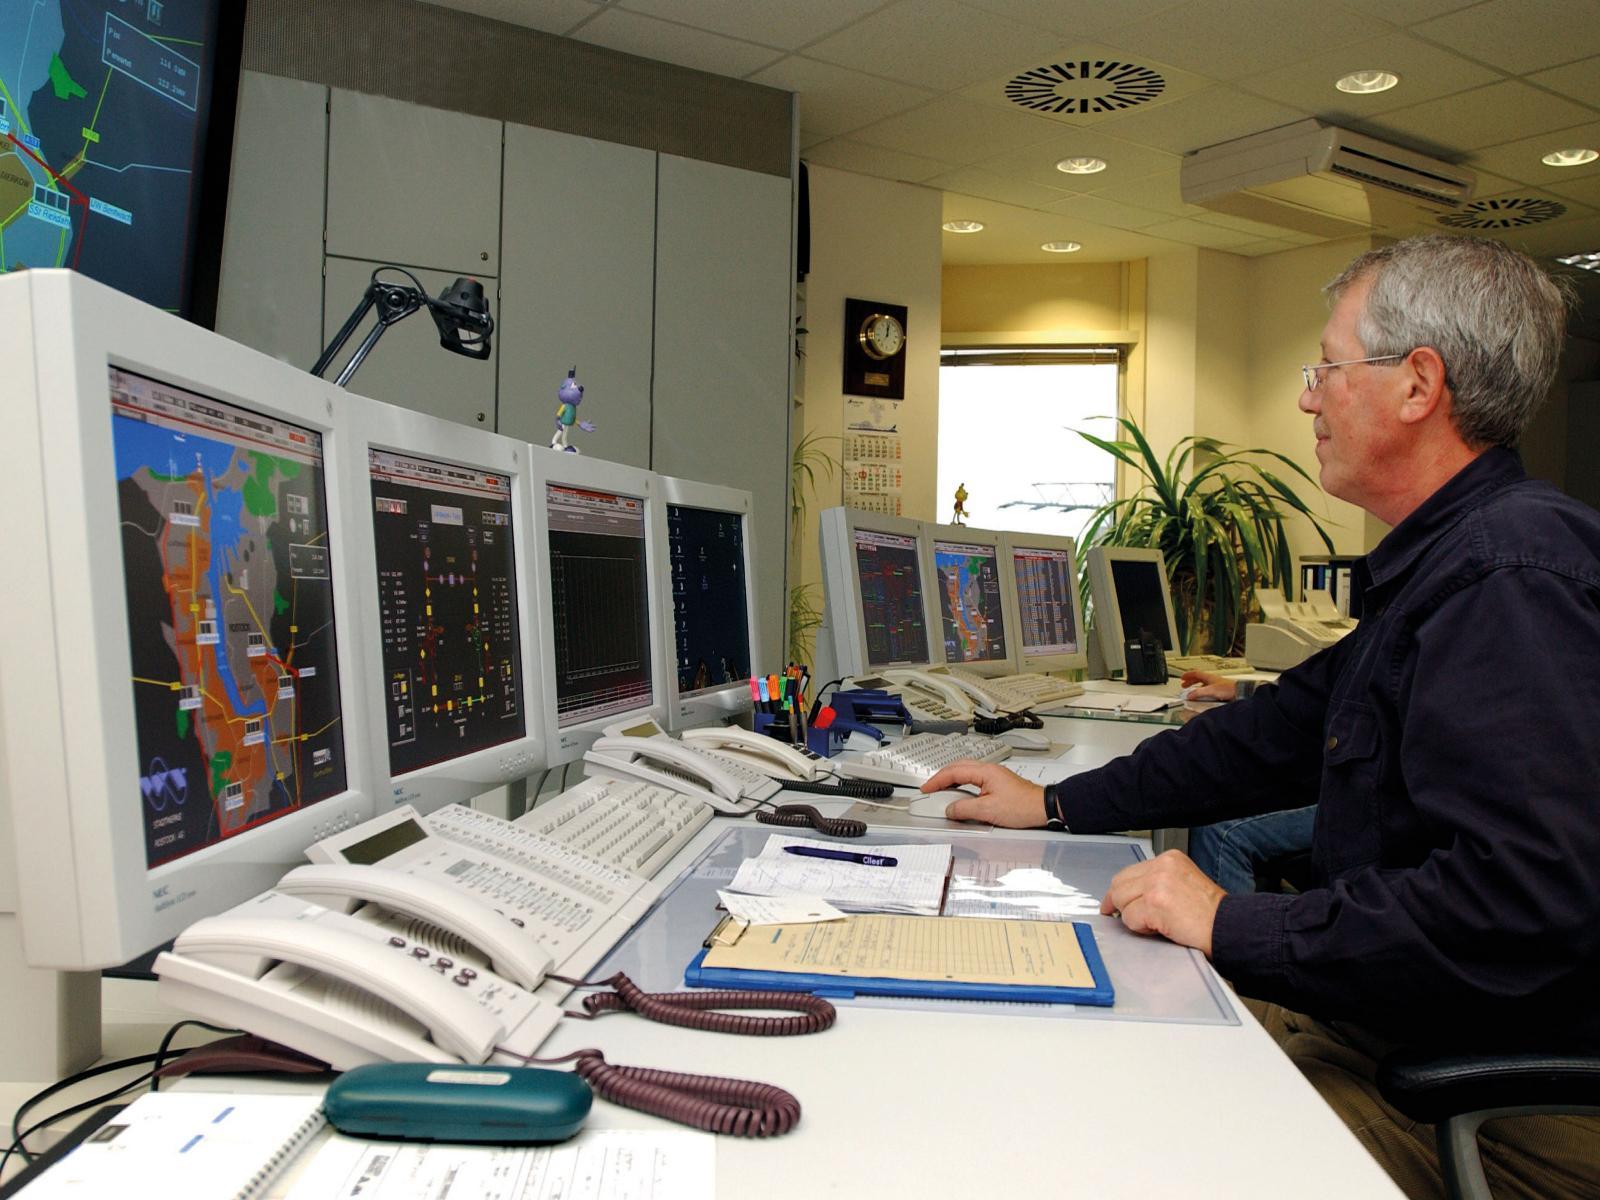 2001 - Unsere Leitstelle wird zentraler Anlaufpunkt für Energie-Notrufe